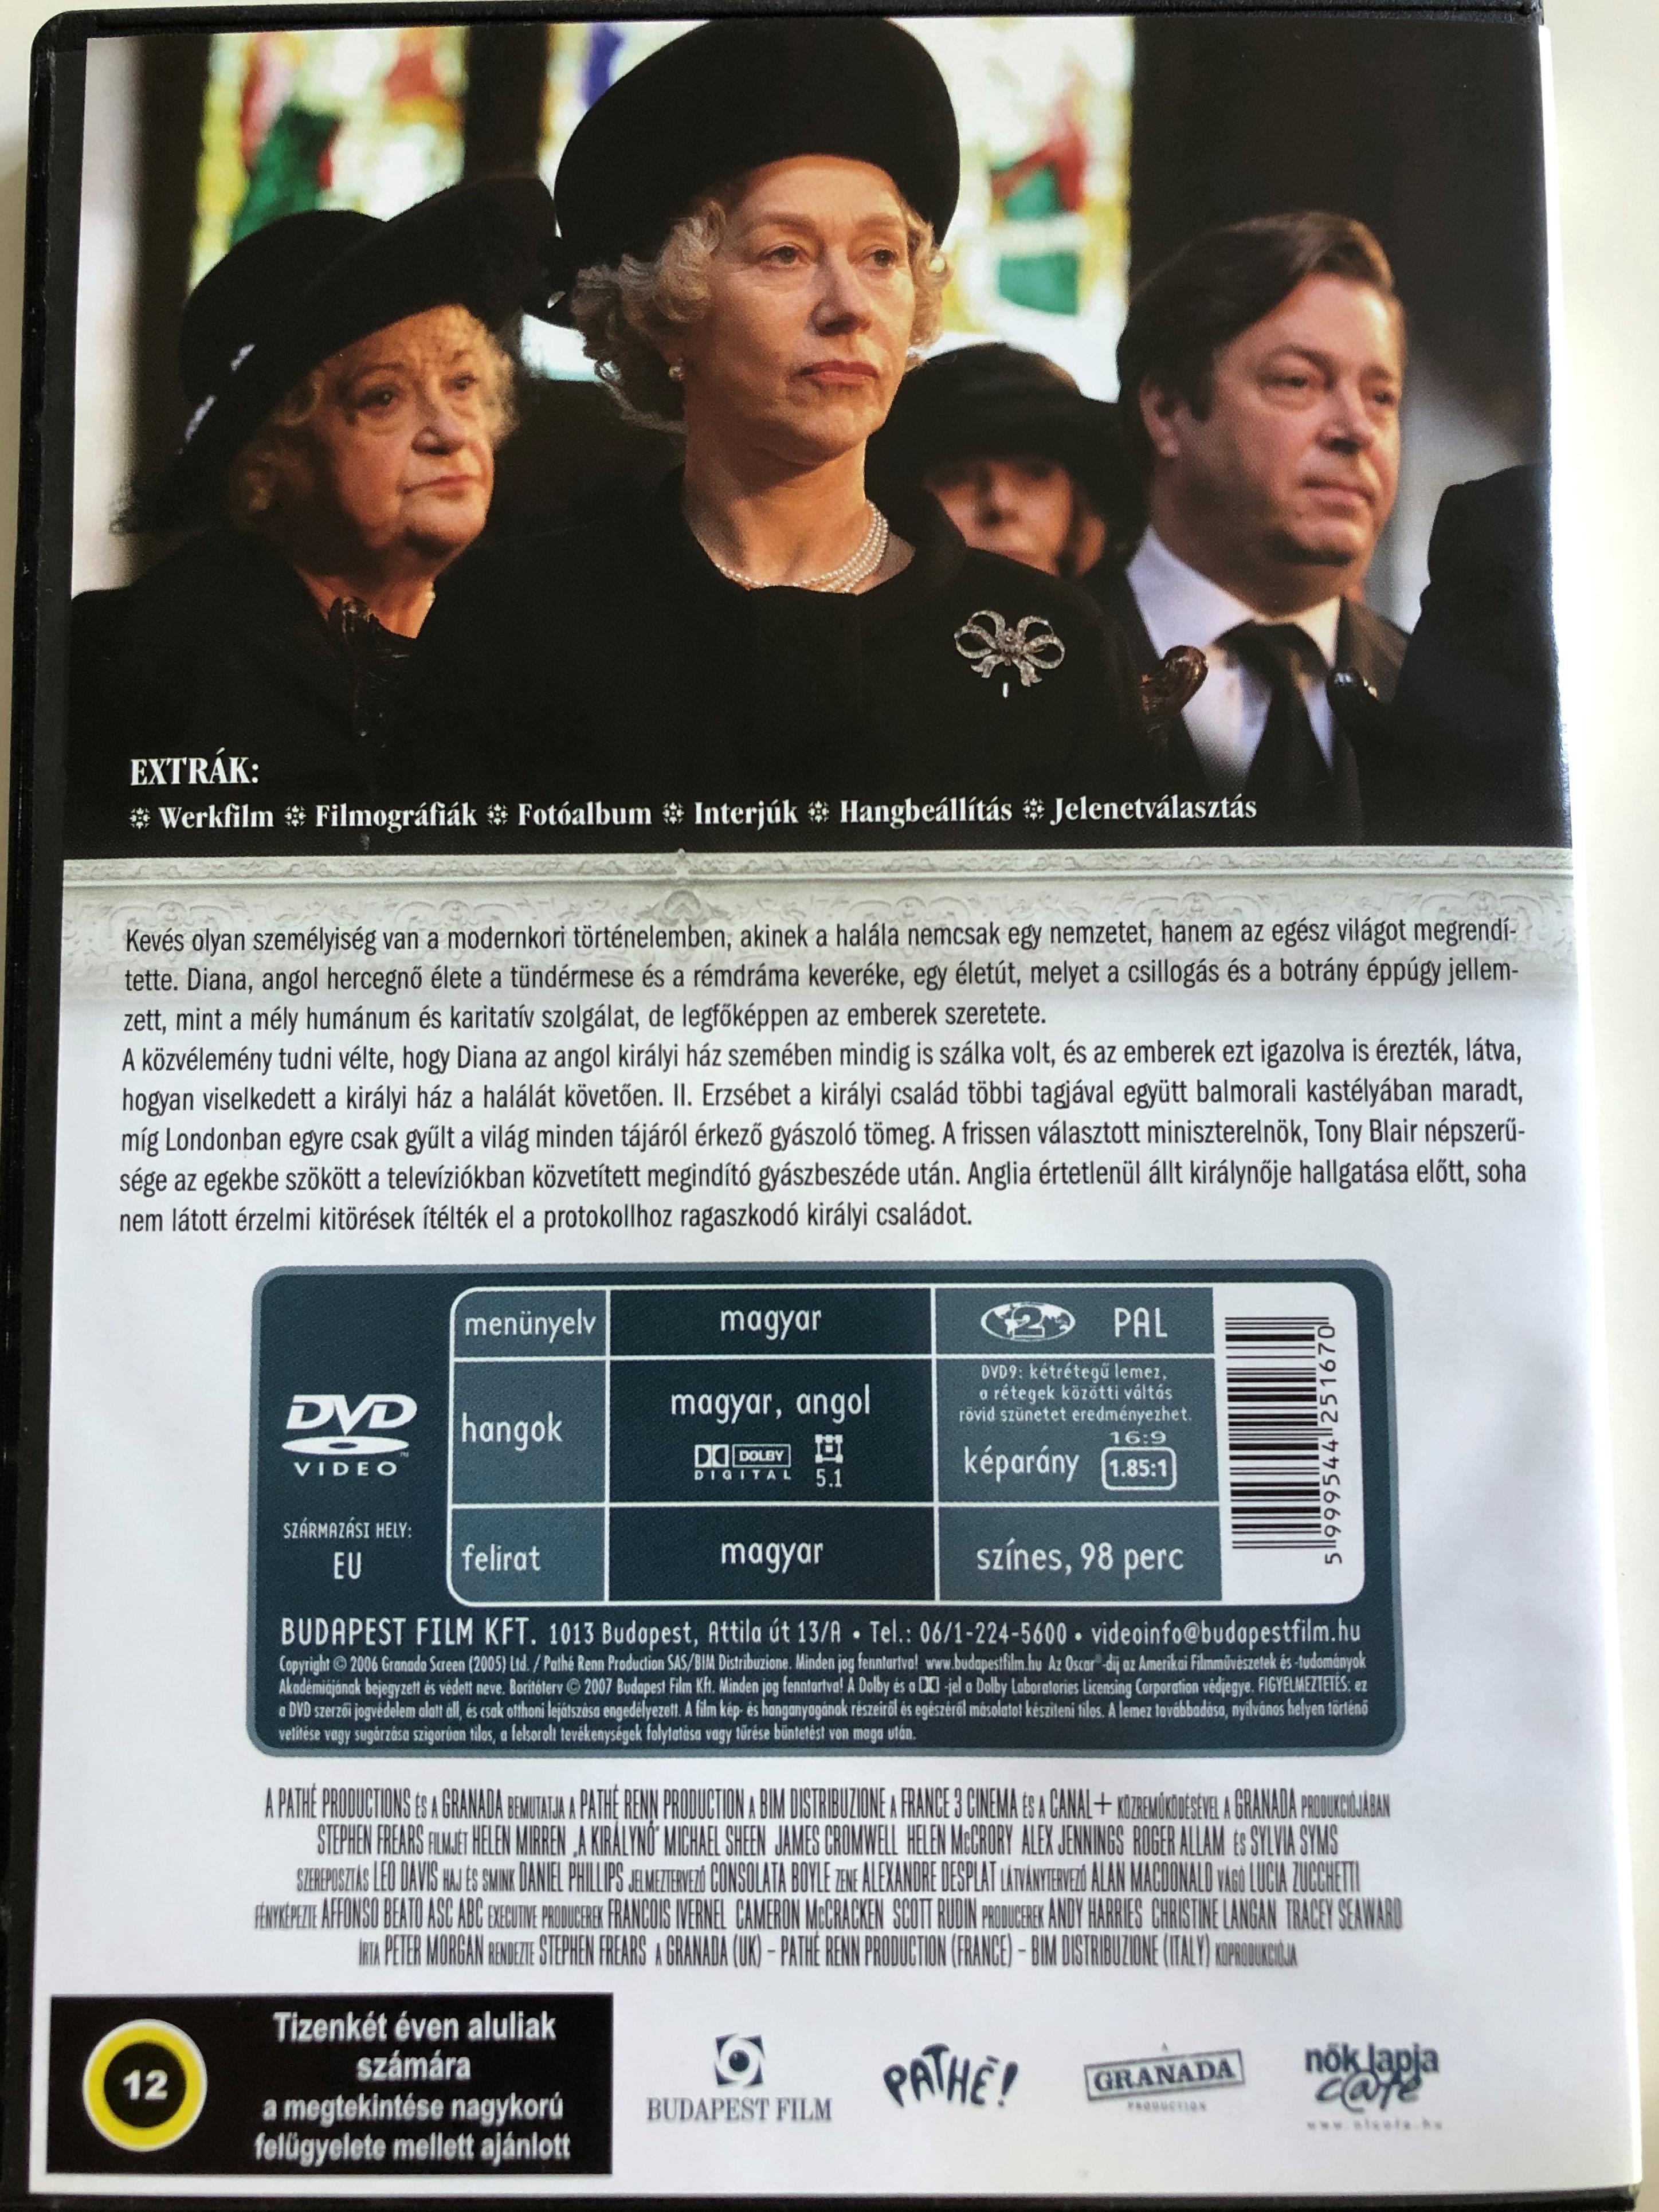 the-queen-dvd-2006-a-kir-lyn-directed-by-stephen-frears-starring-helen-mirren-michael-sheen-james-cromwell-helen-mccrory-alex-jennings-2-.jpg